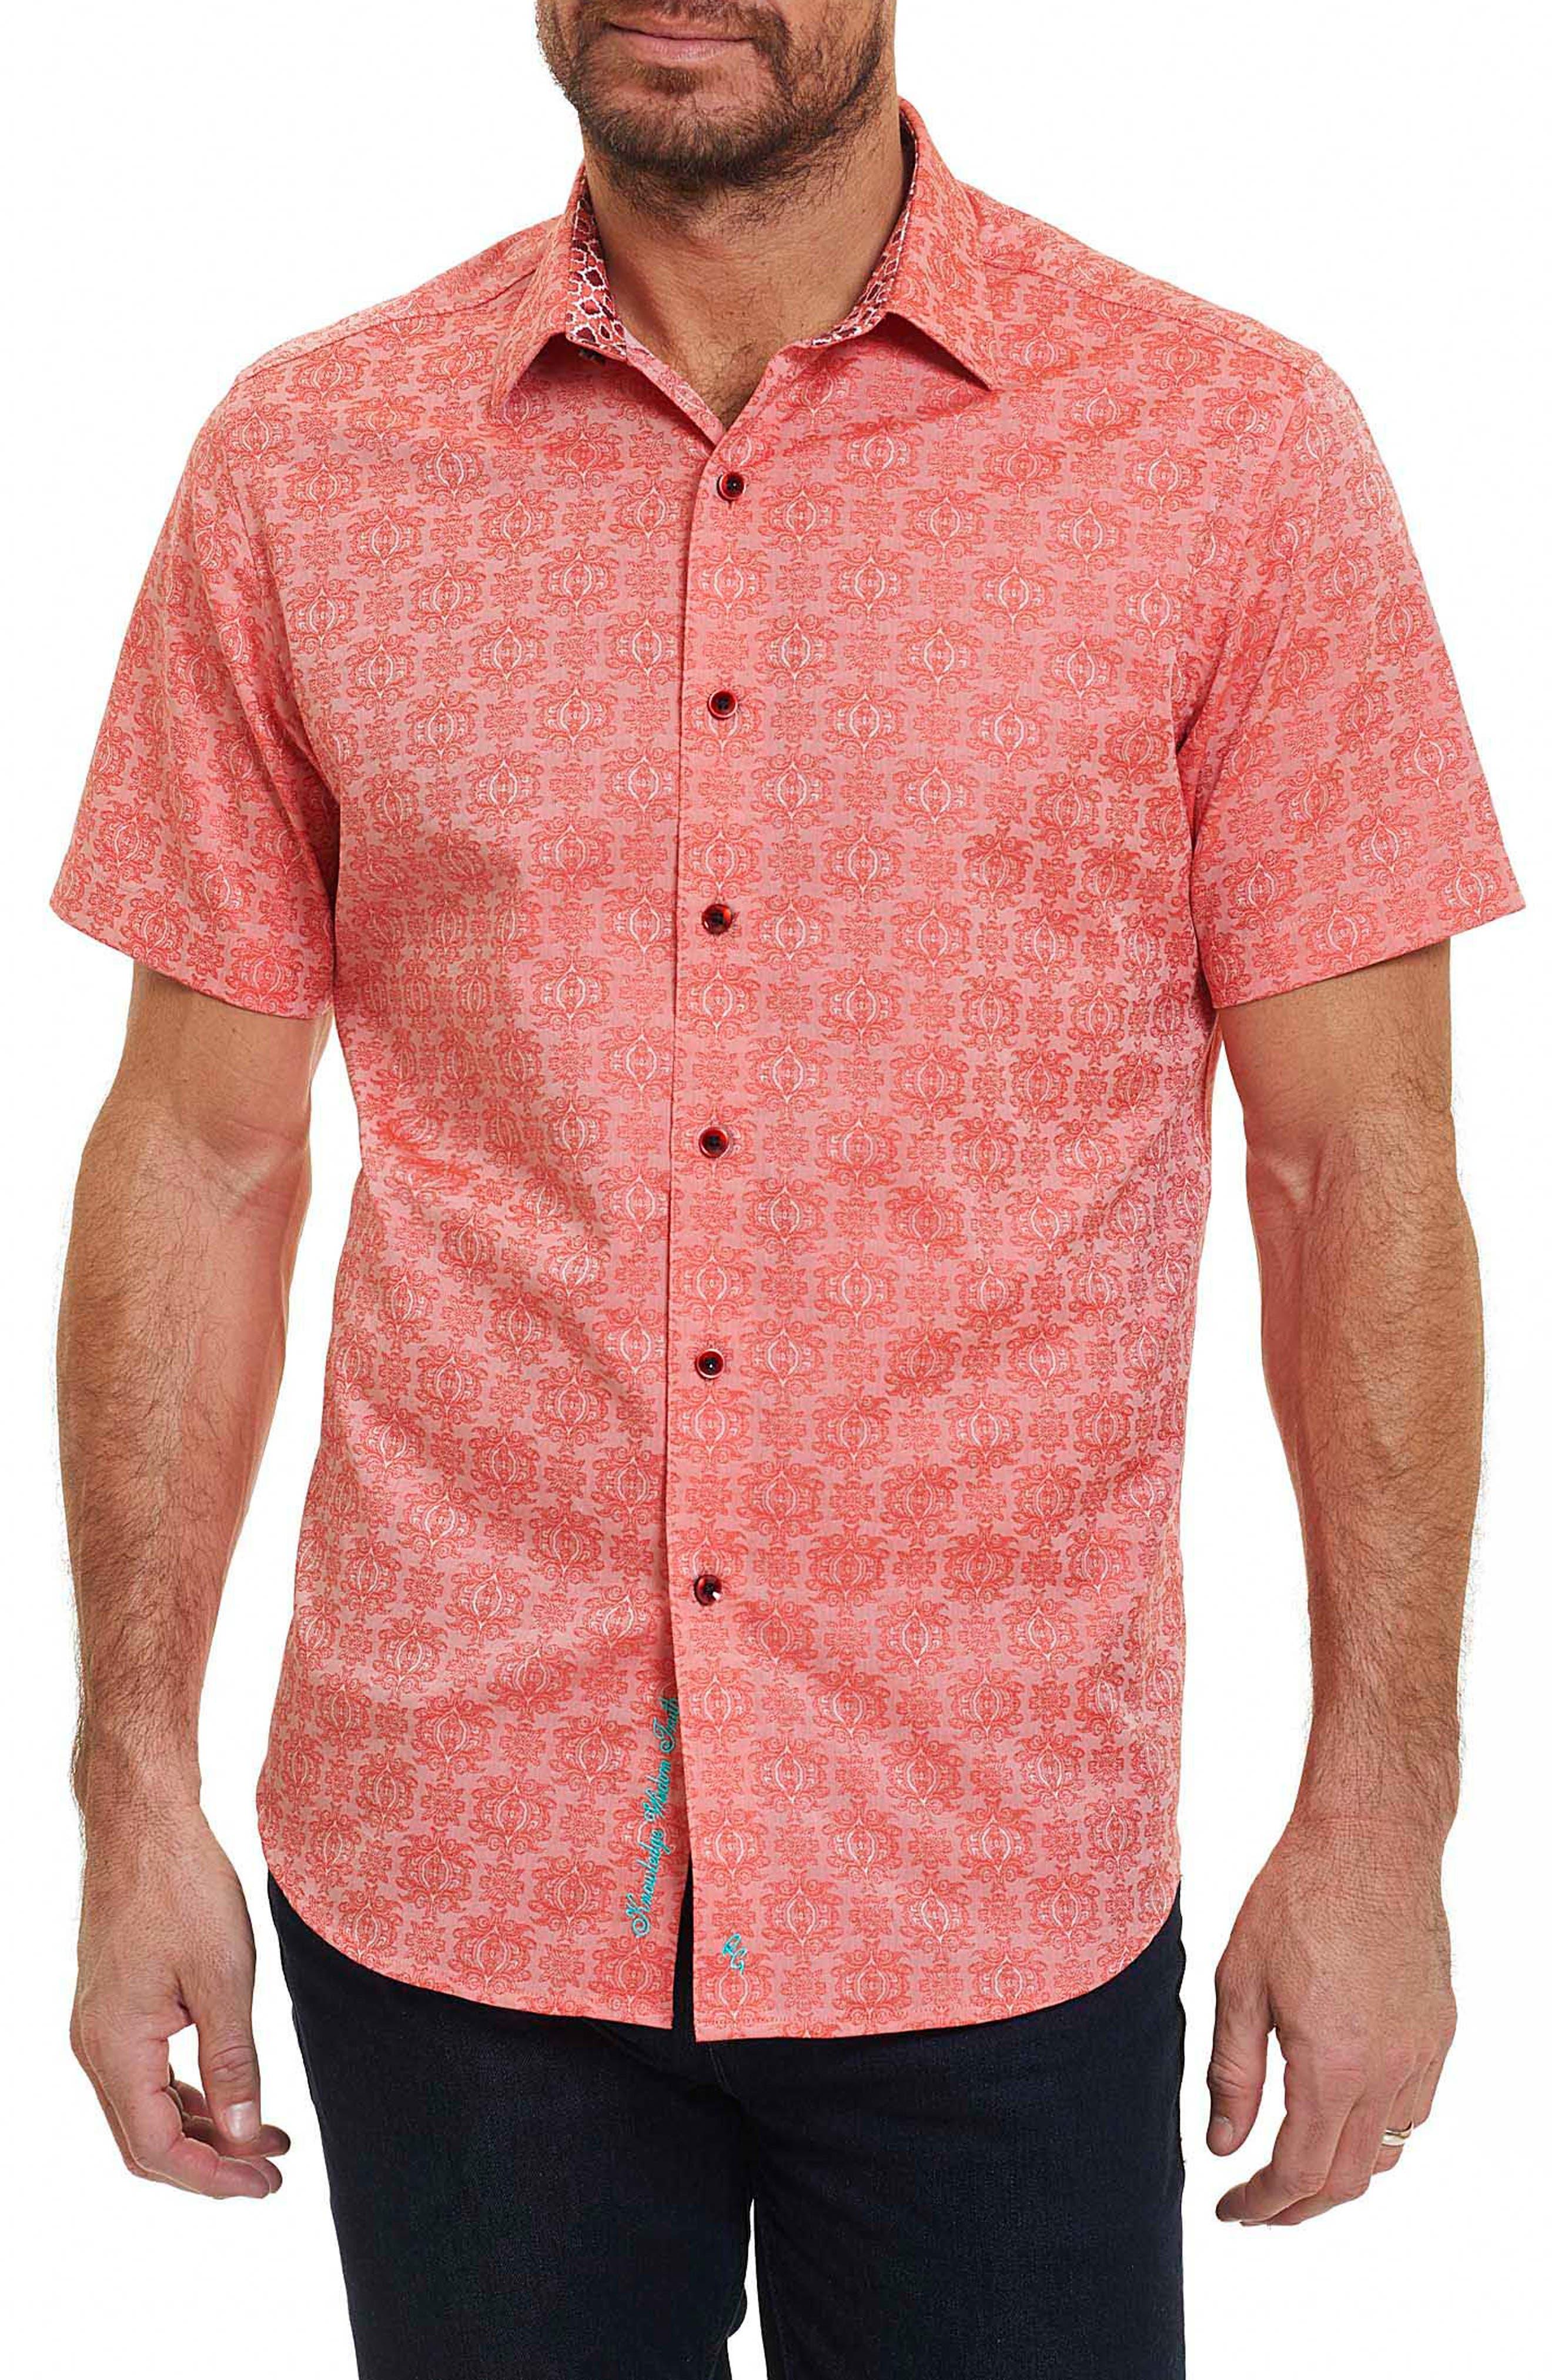 Cullen Regular Fit Sport Shirt,                         Main,                         color, Coral